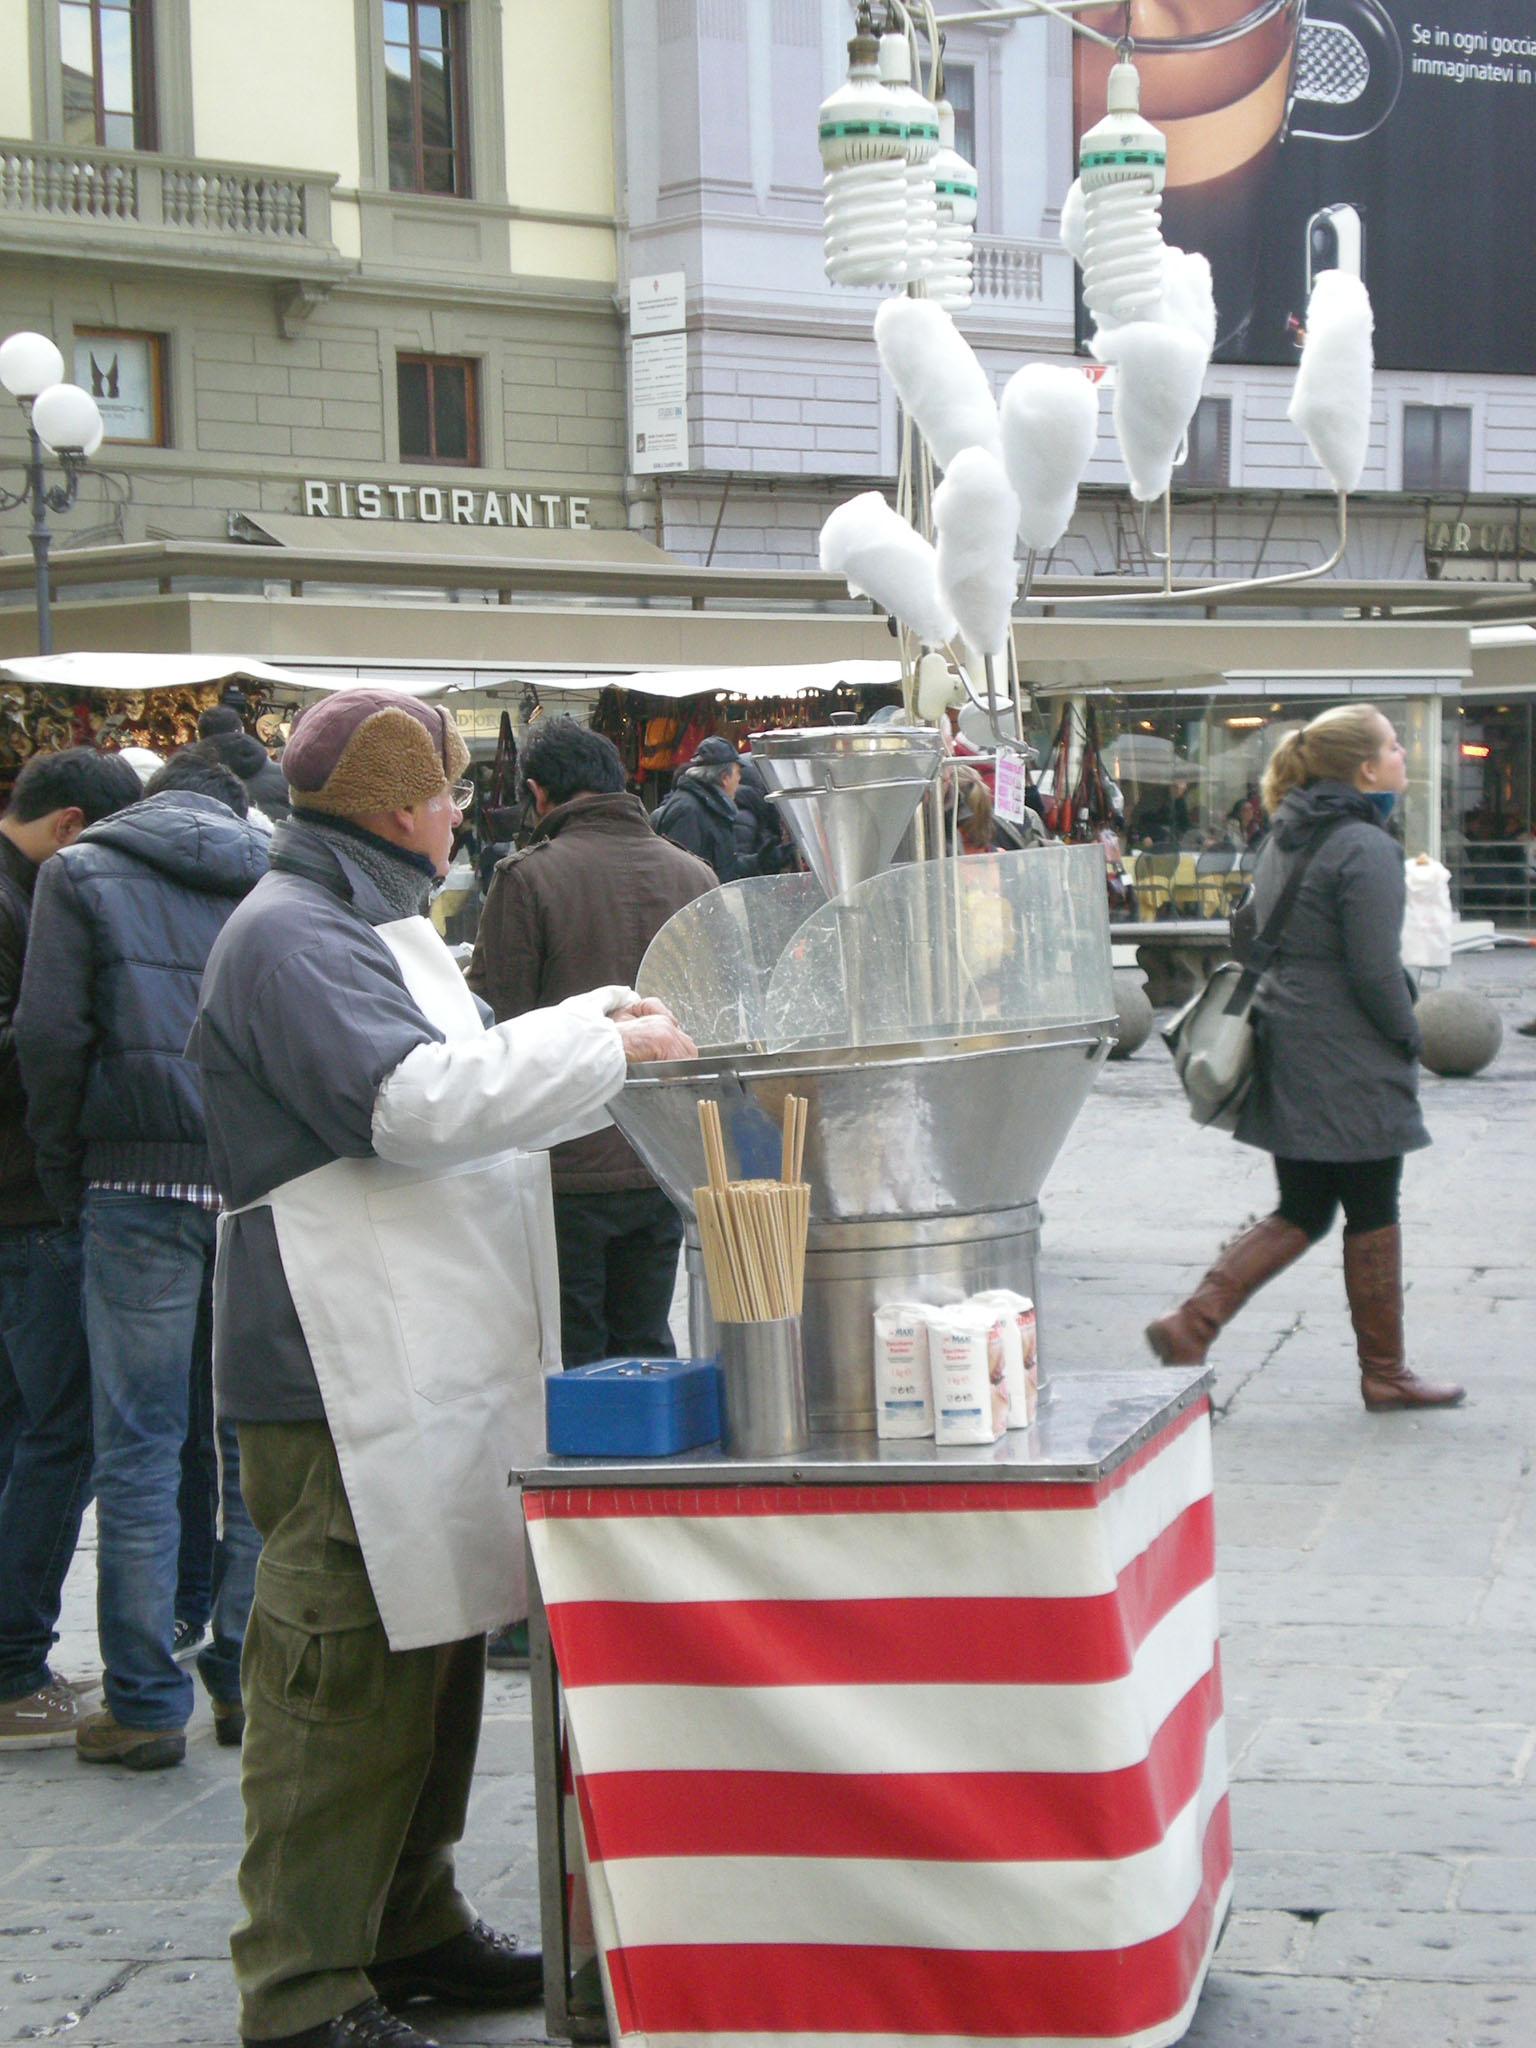 イタリア人にとってクリスマスプレゼント選びは一大行事!!_c0179785_2011027.jpg